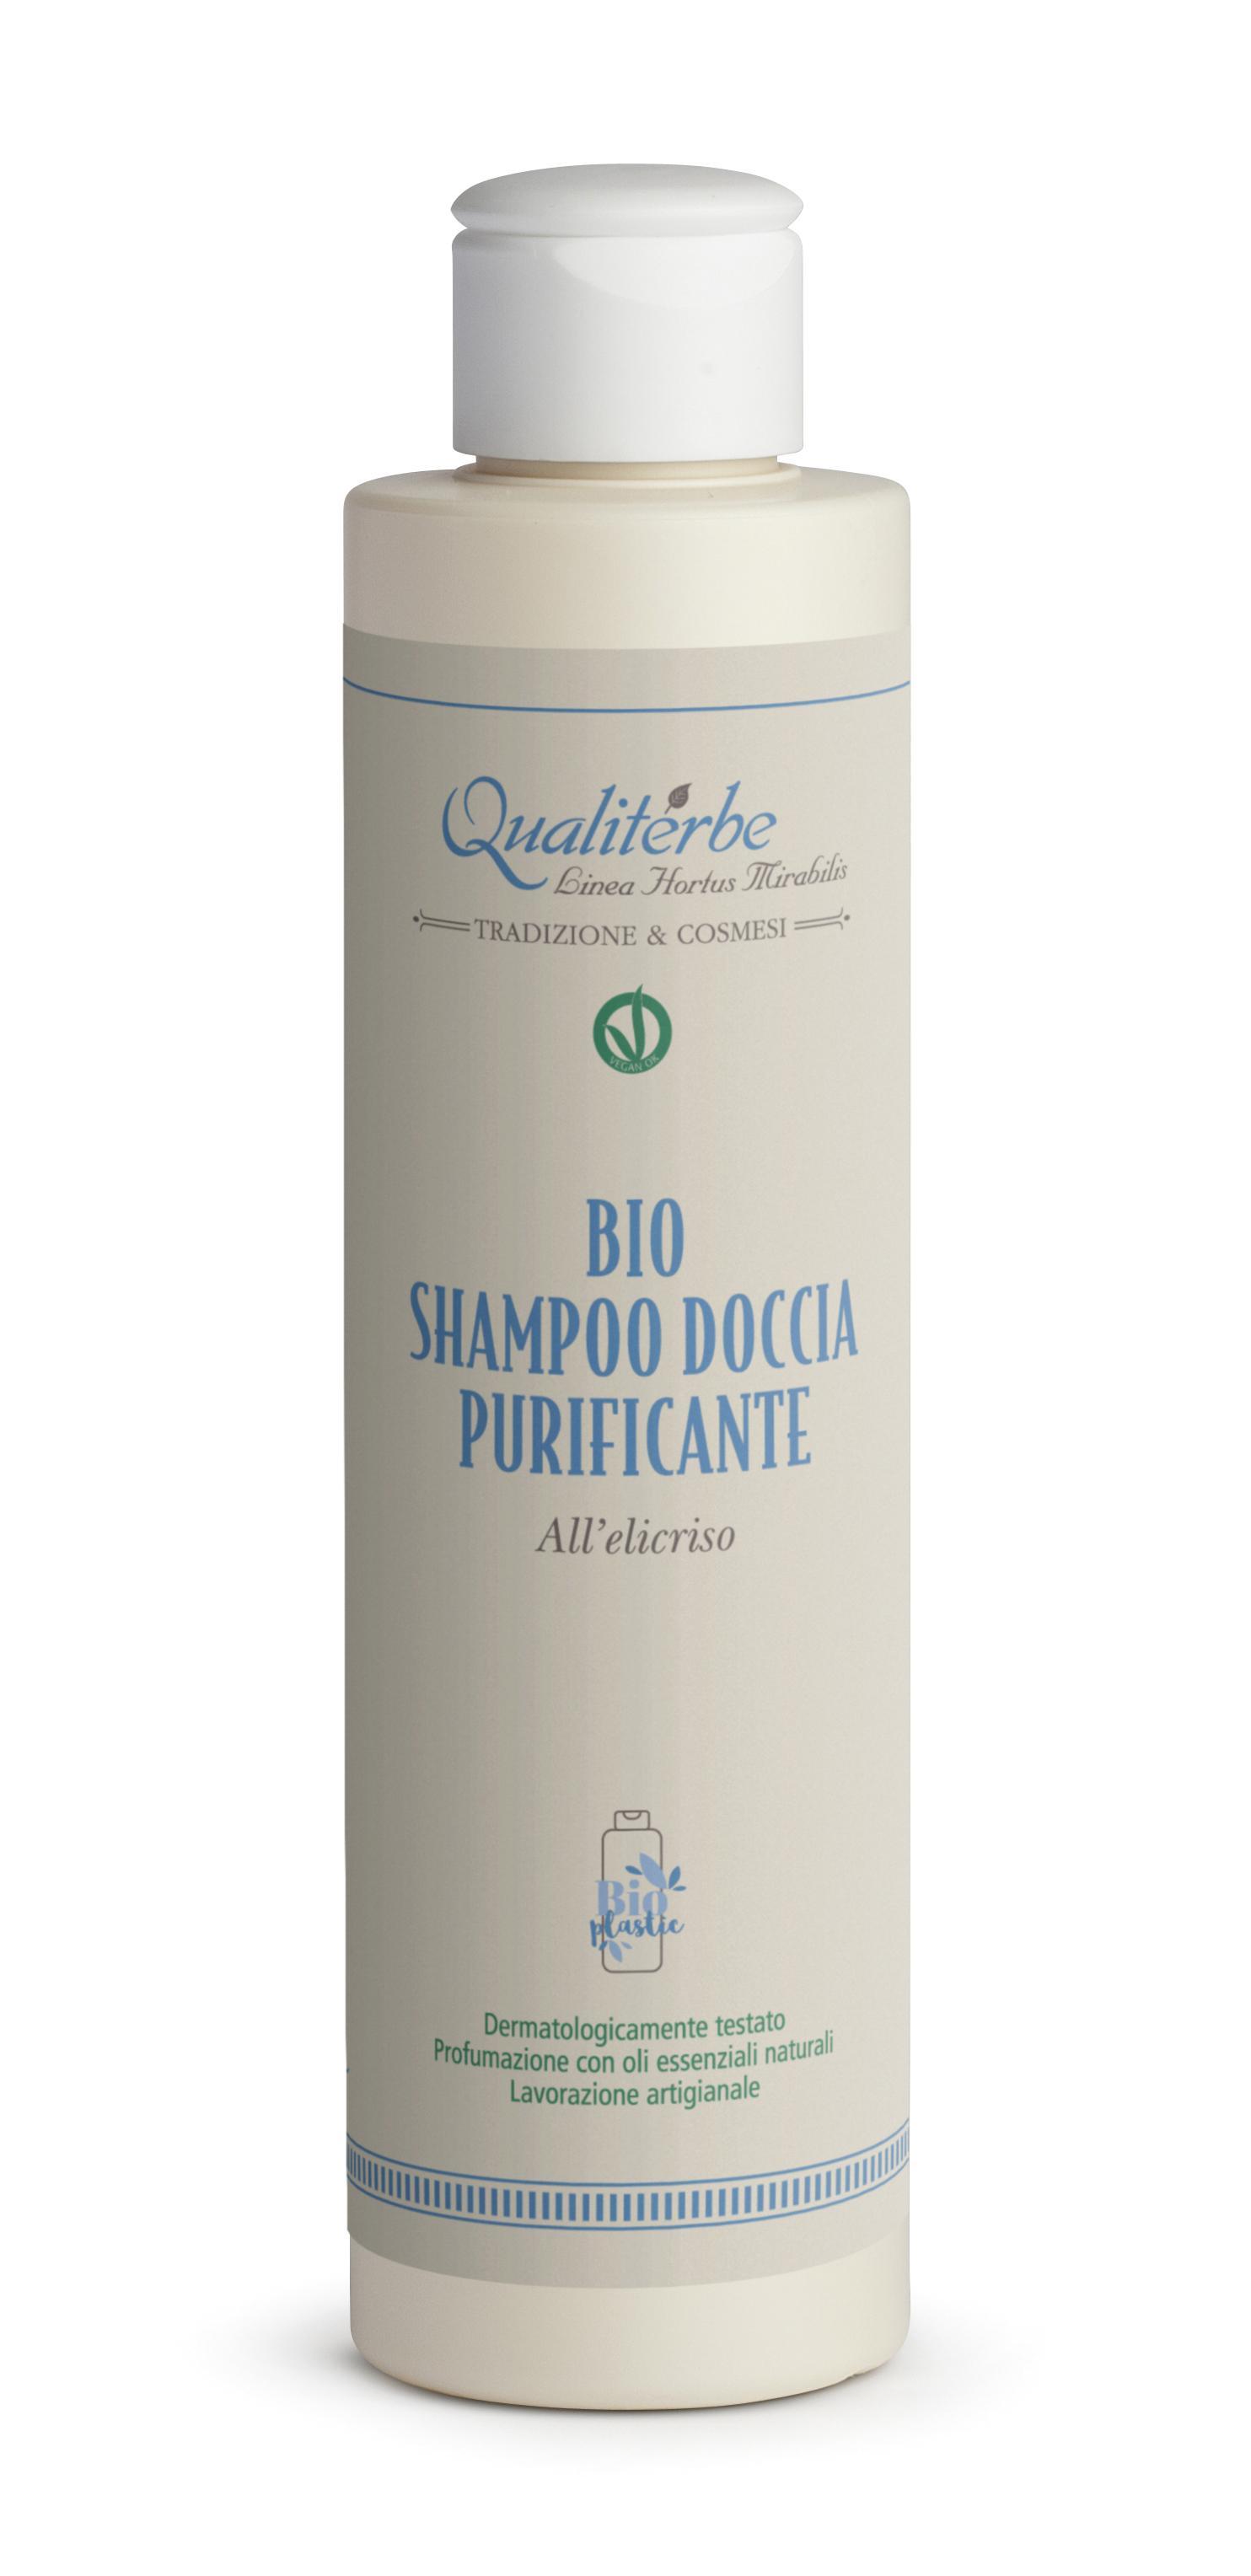 Bio Shampoo Doccia purificante all'Elicriso 200 ml